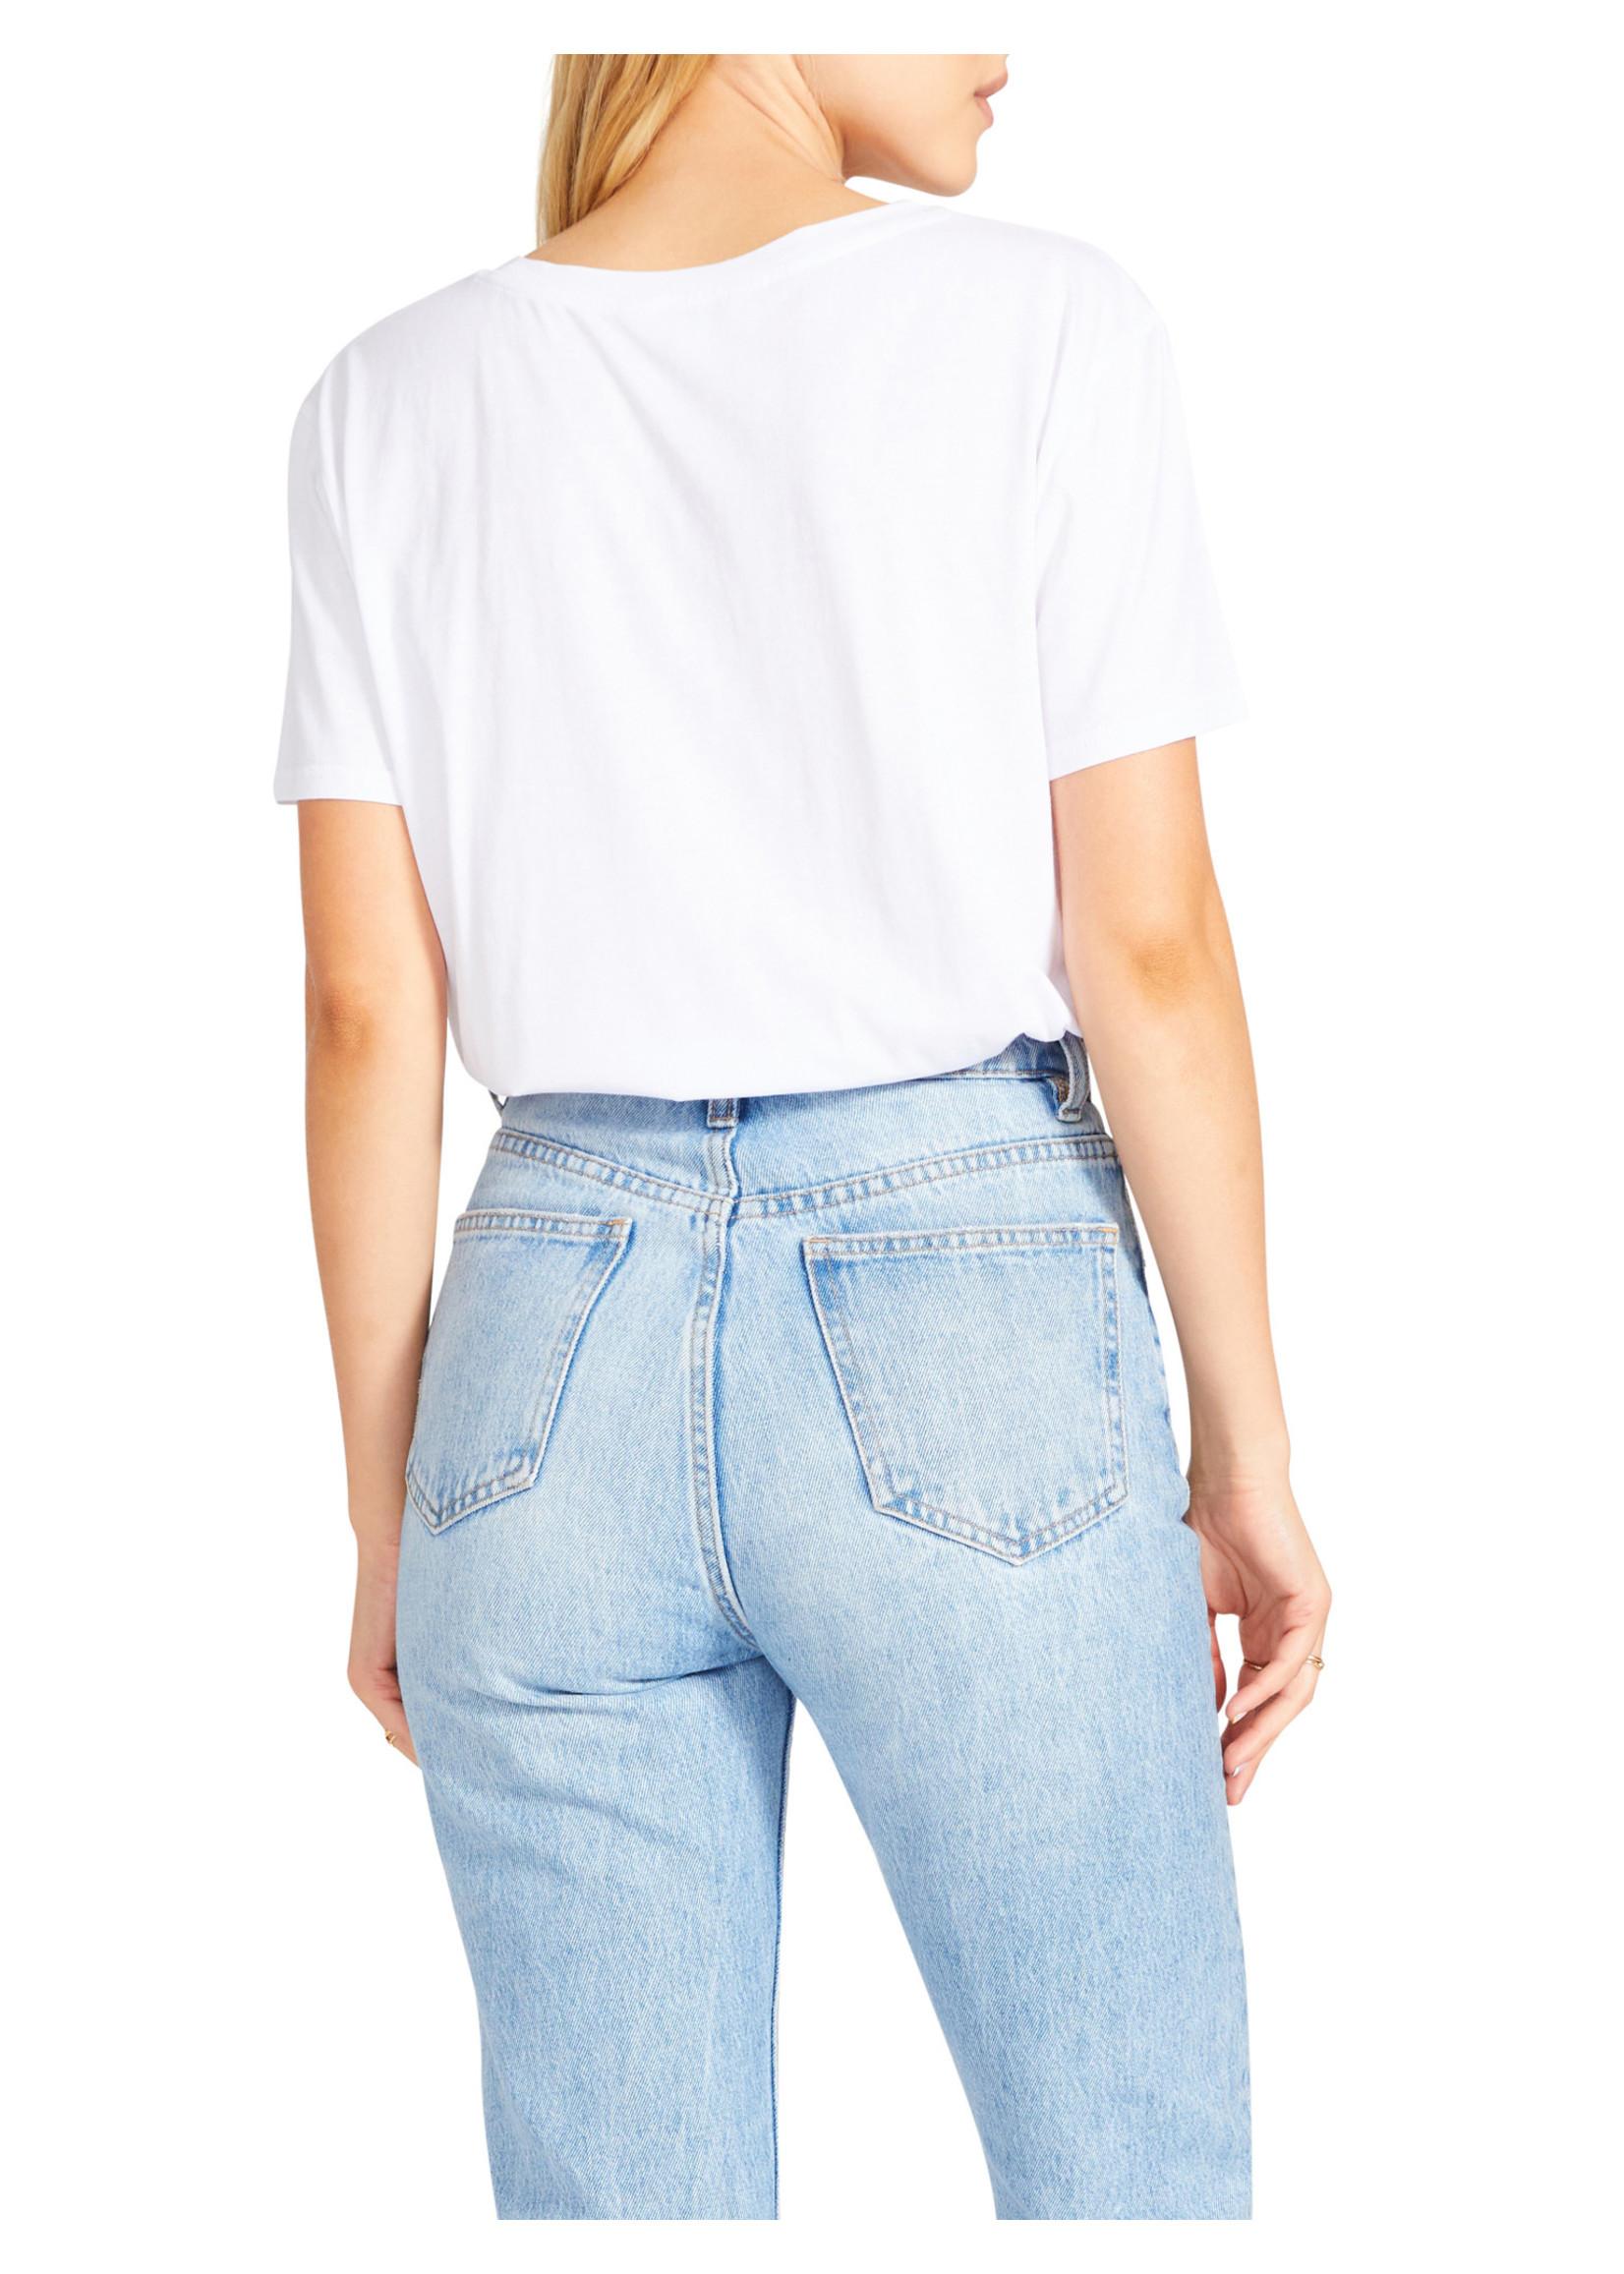 BB Dakota All Tucked In T-Shirt Bodysuit - BL205329